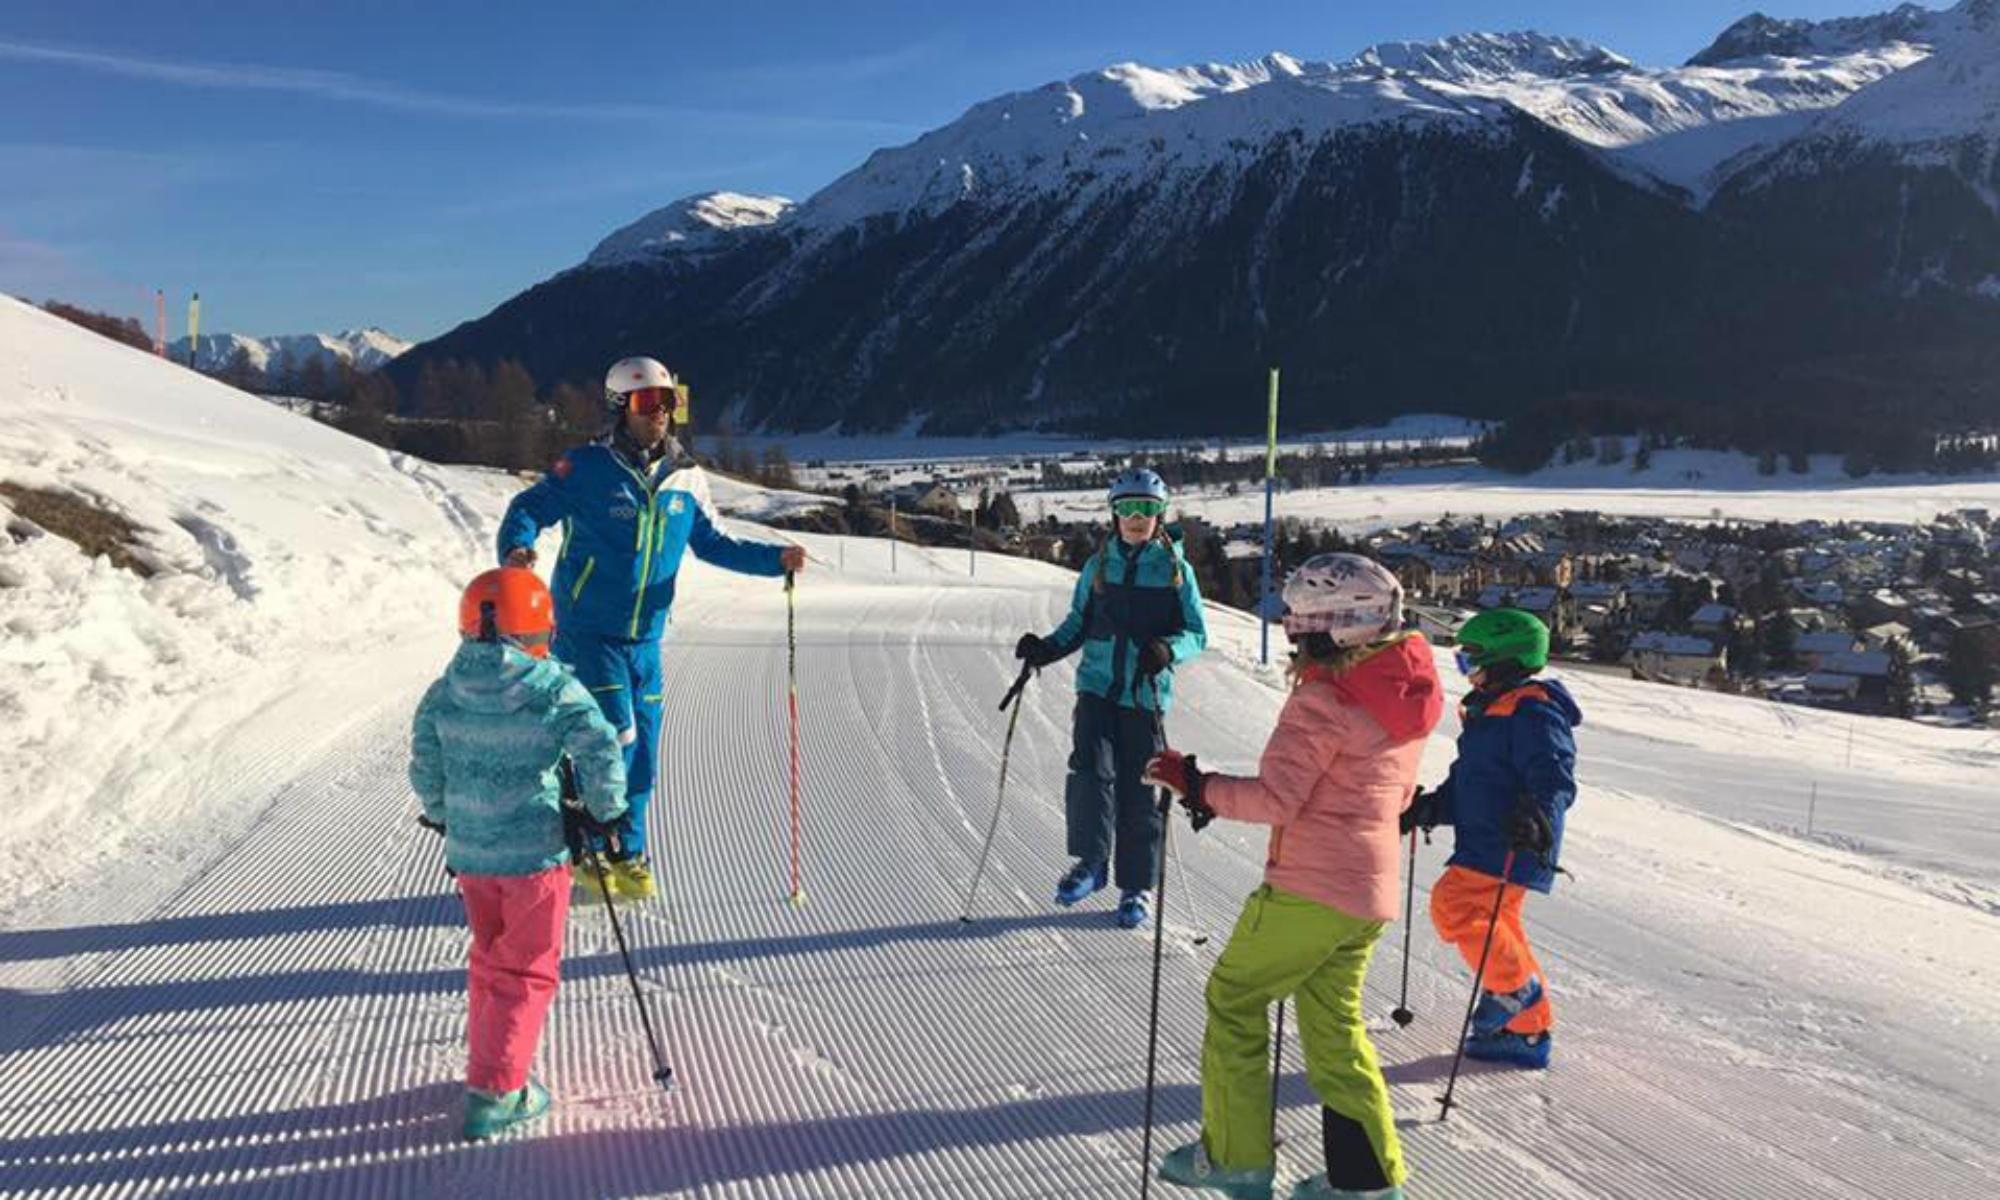 Ein Skilehrer macht mit einer Gruppe Kinder Aufwärmübungen auf der Piste.